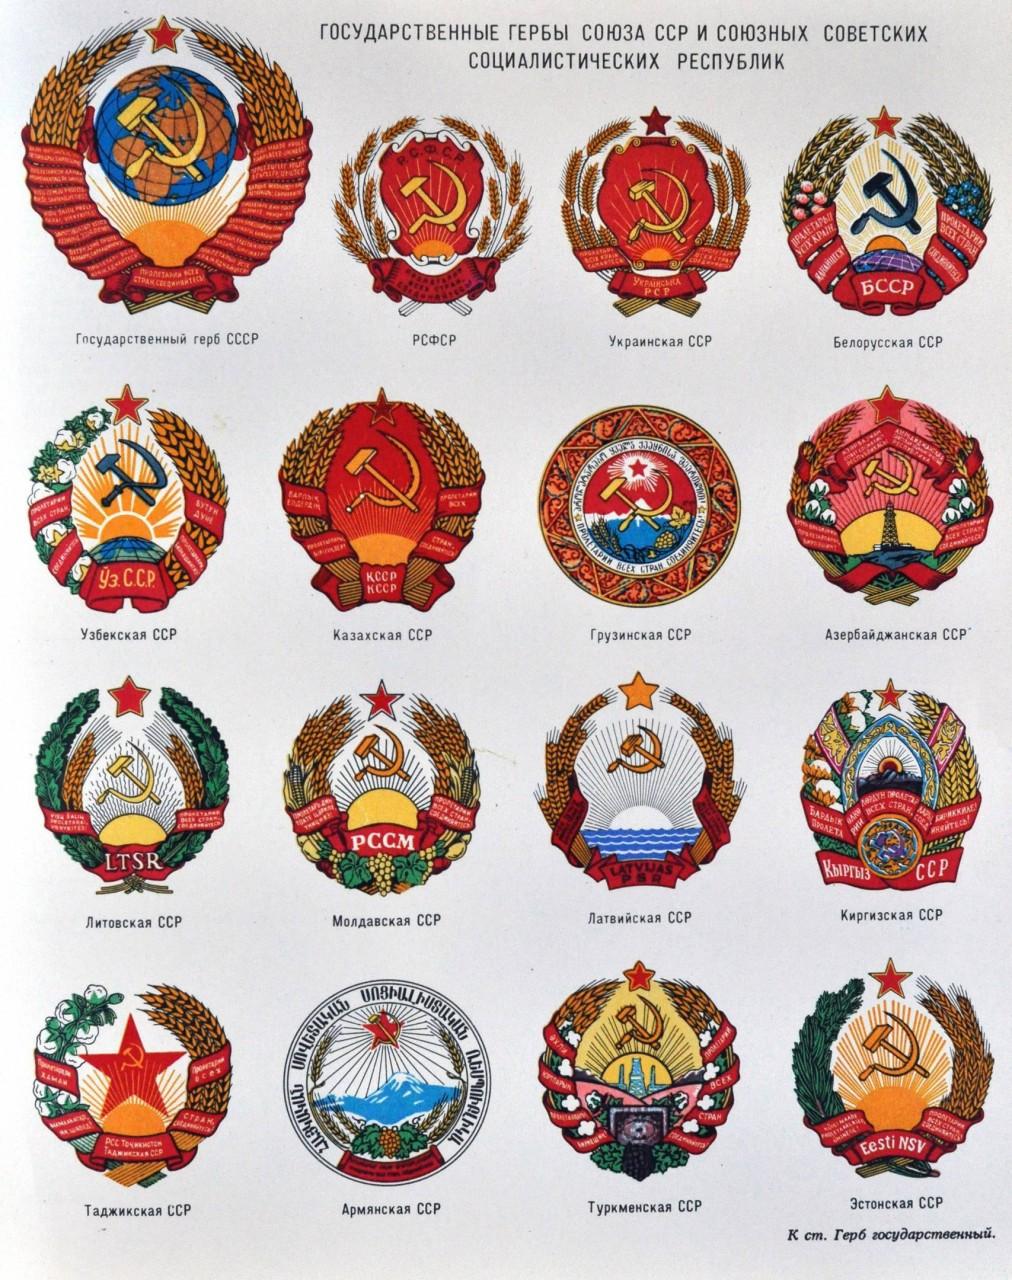 Гербы Советского Союза